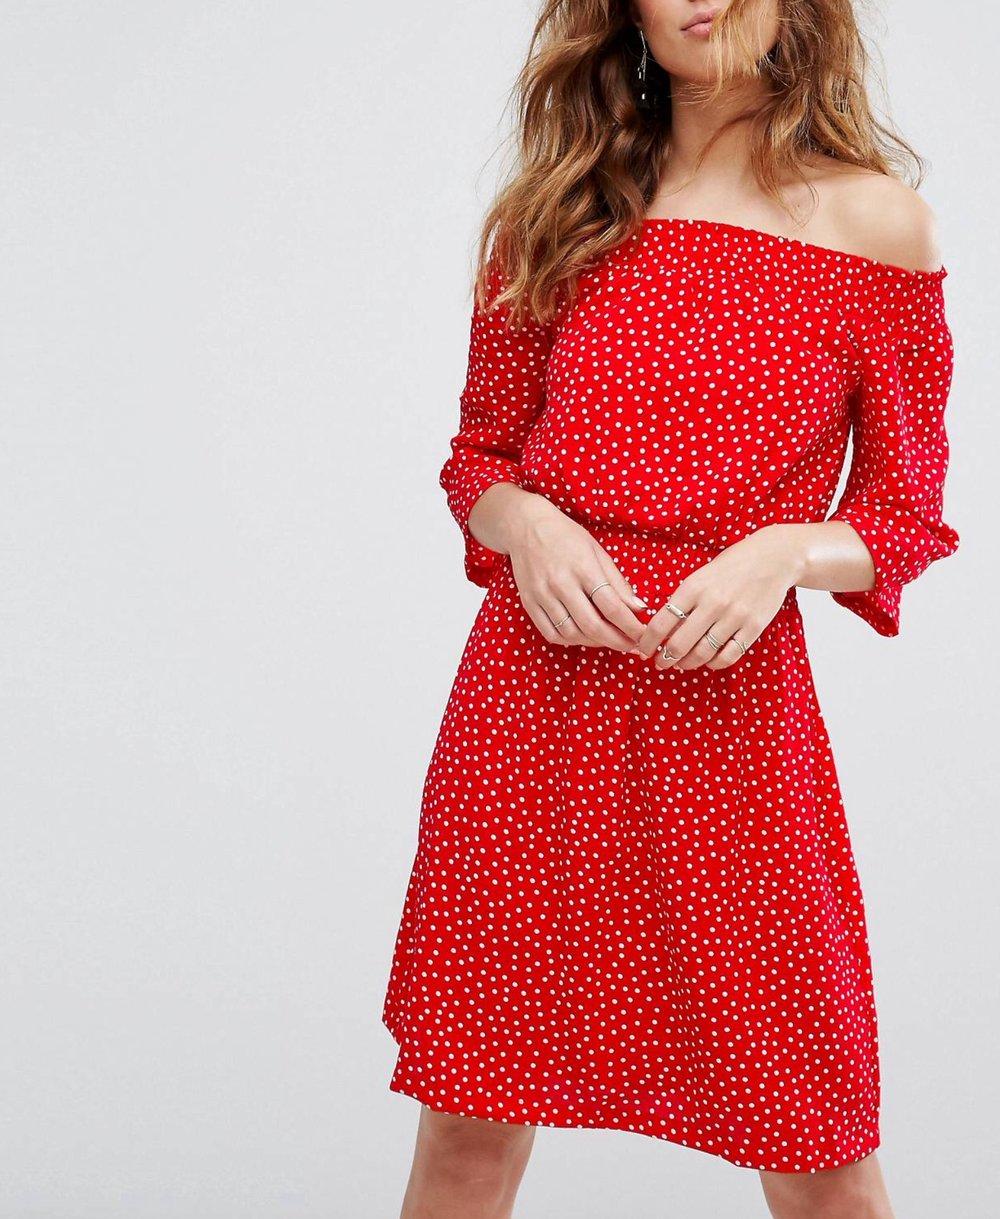 schulterfreies gepunktetes kleid in rot